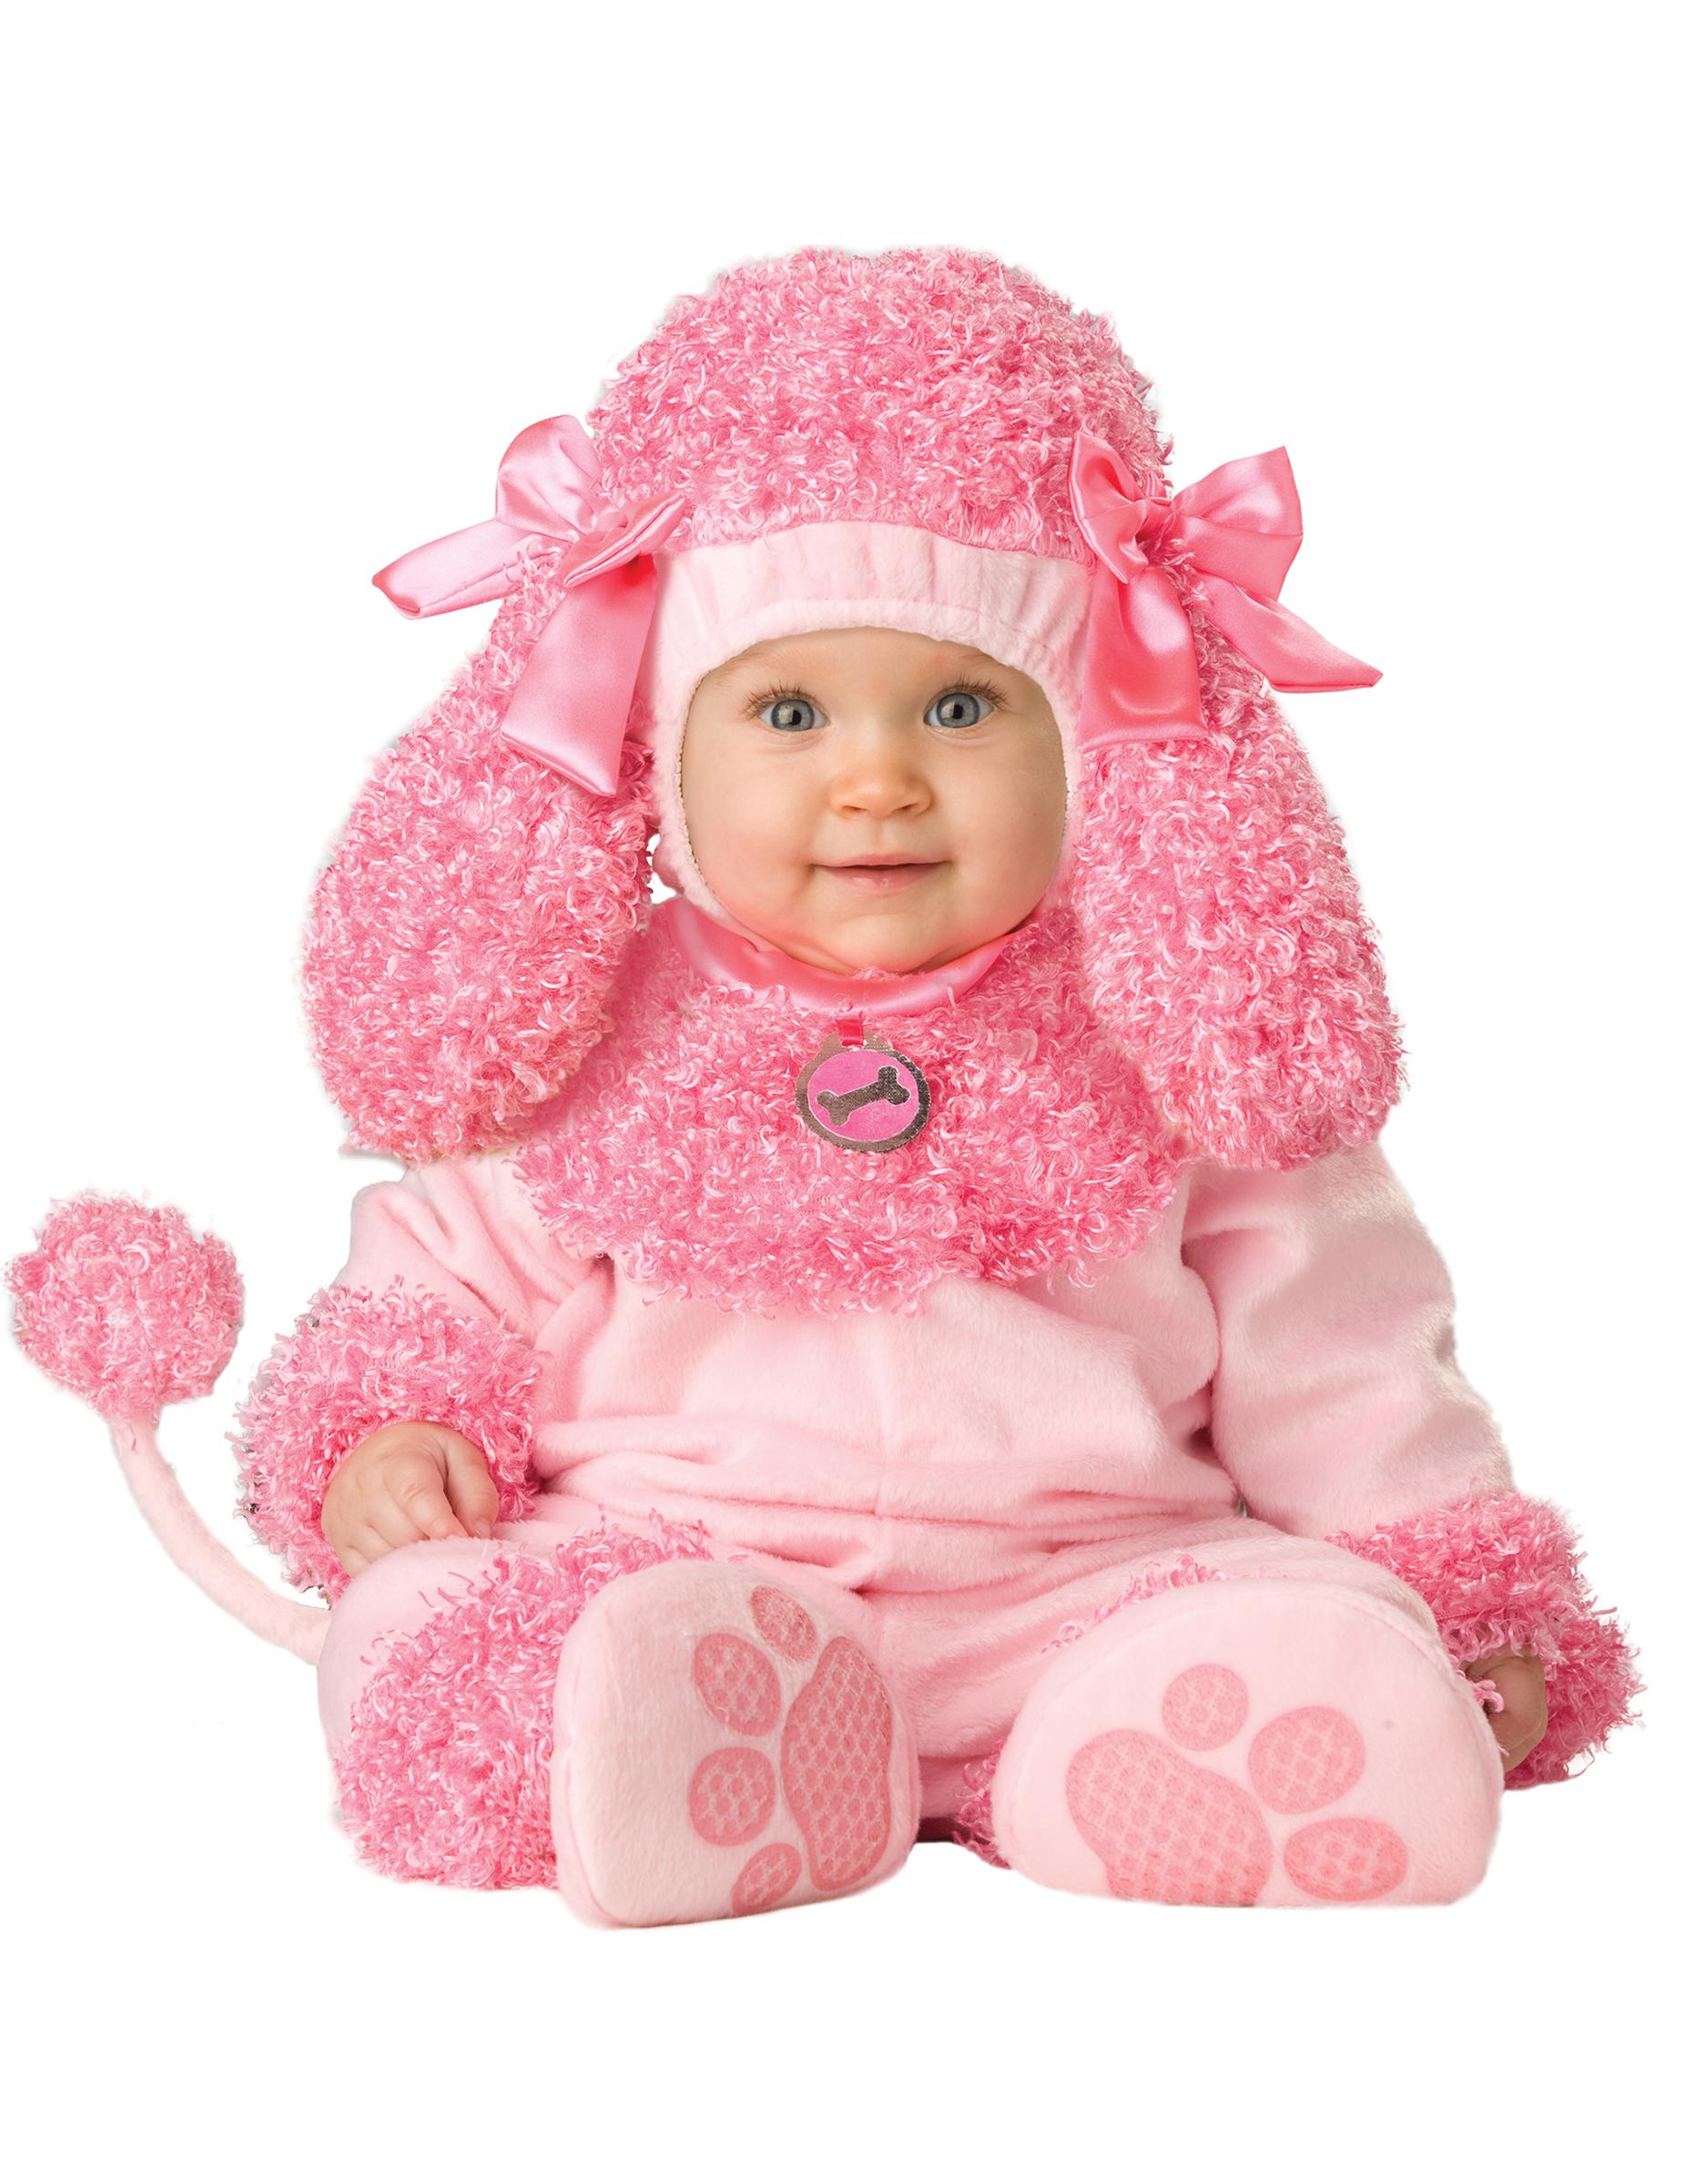 disfraz perro caniche rosa para beb premium disfraces niosy disfraces originales baratos vegaoo